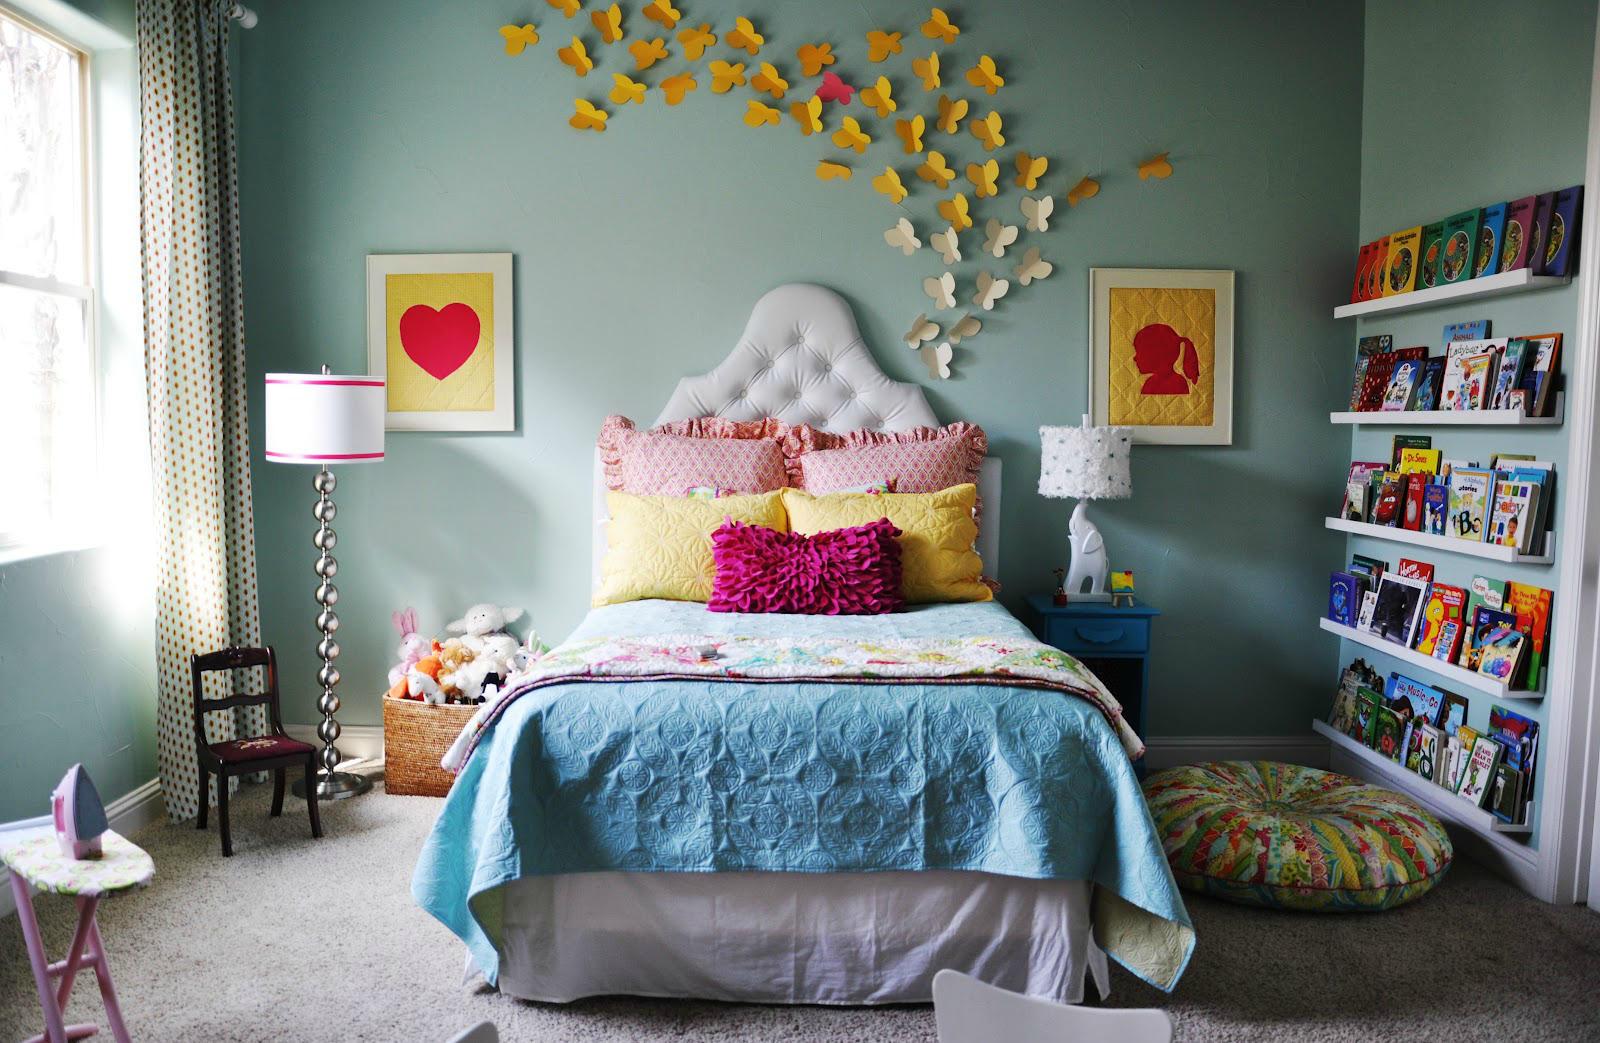 Декор стены бабочками в детской комнате для девочки